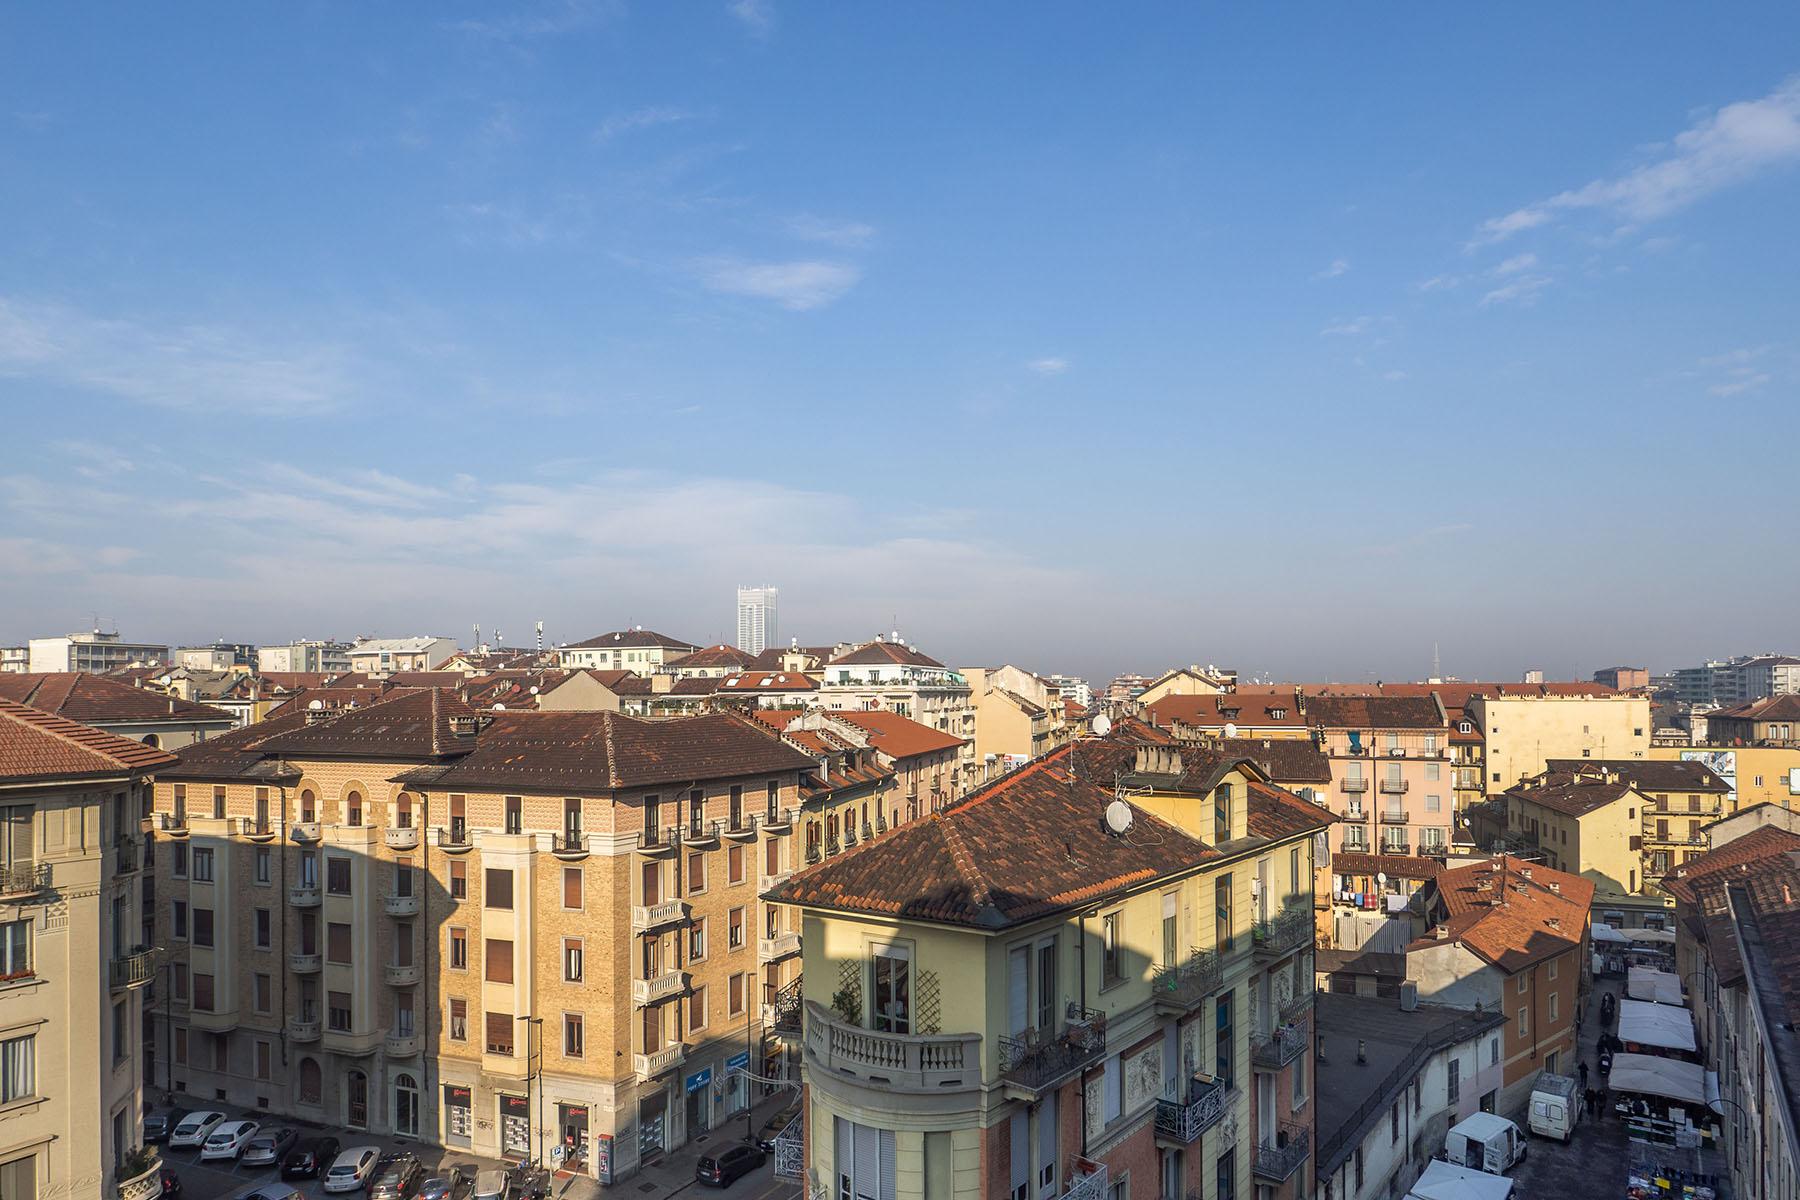 Attico in Vendita a Torino: 5 locali, 250 mq - Foto 29